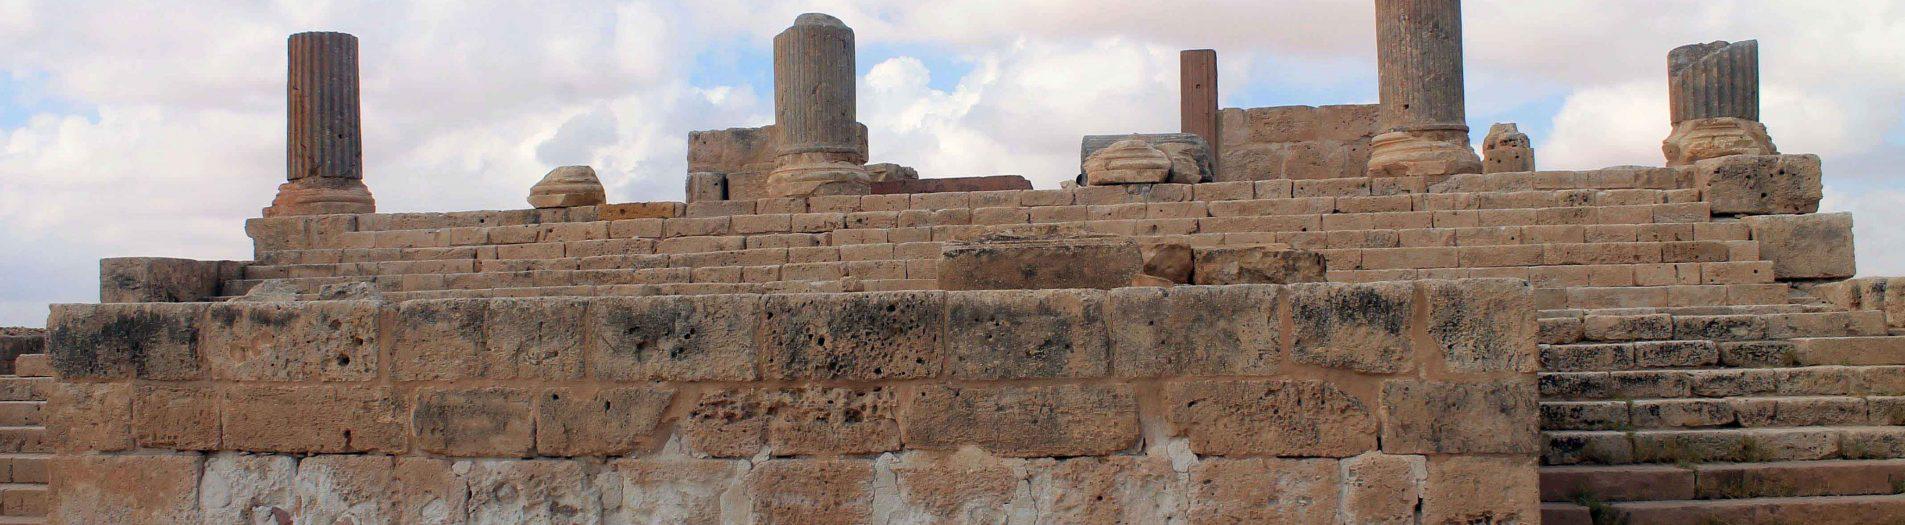 الموقع الأثري جكطيس